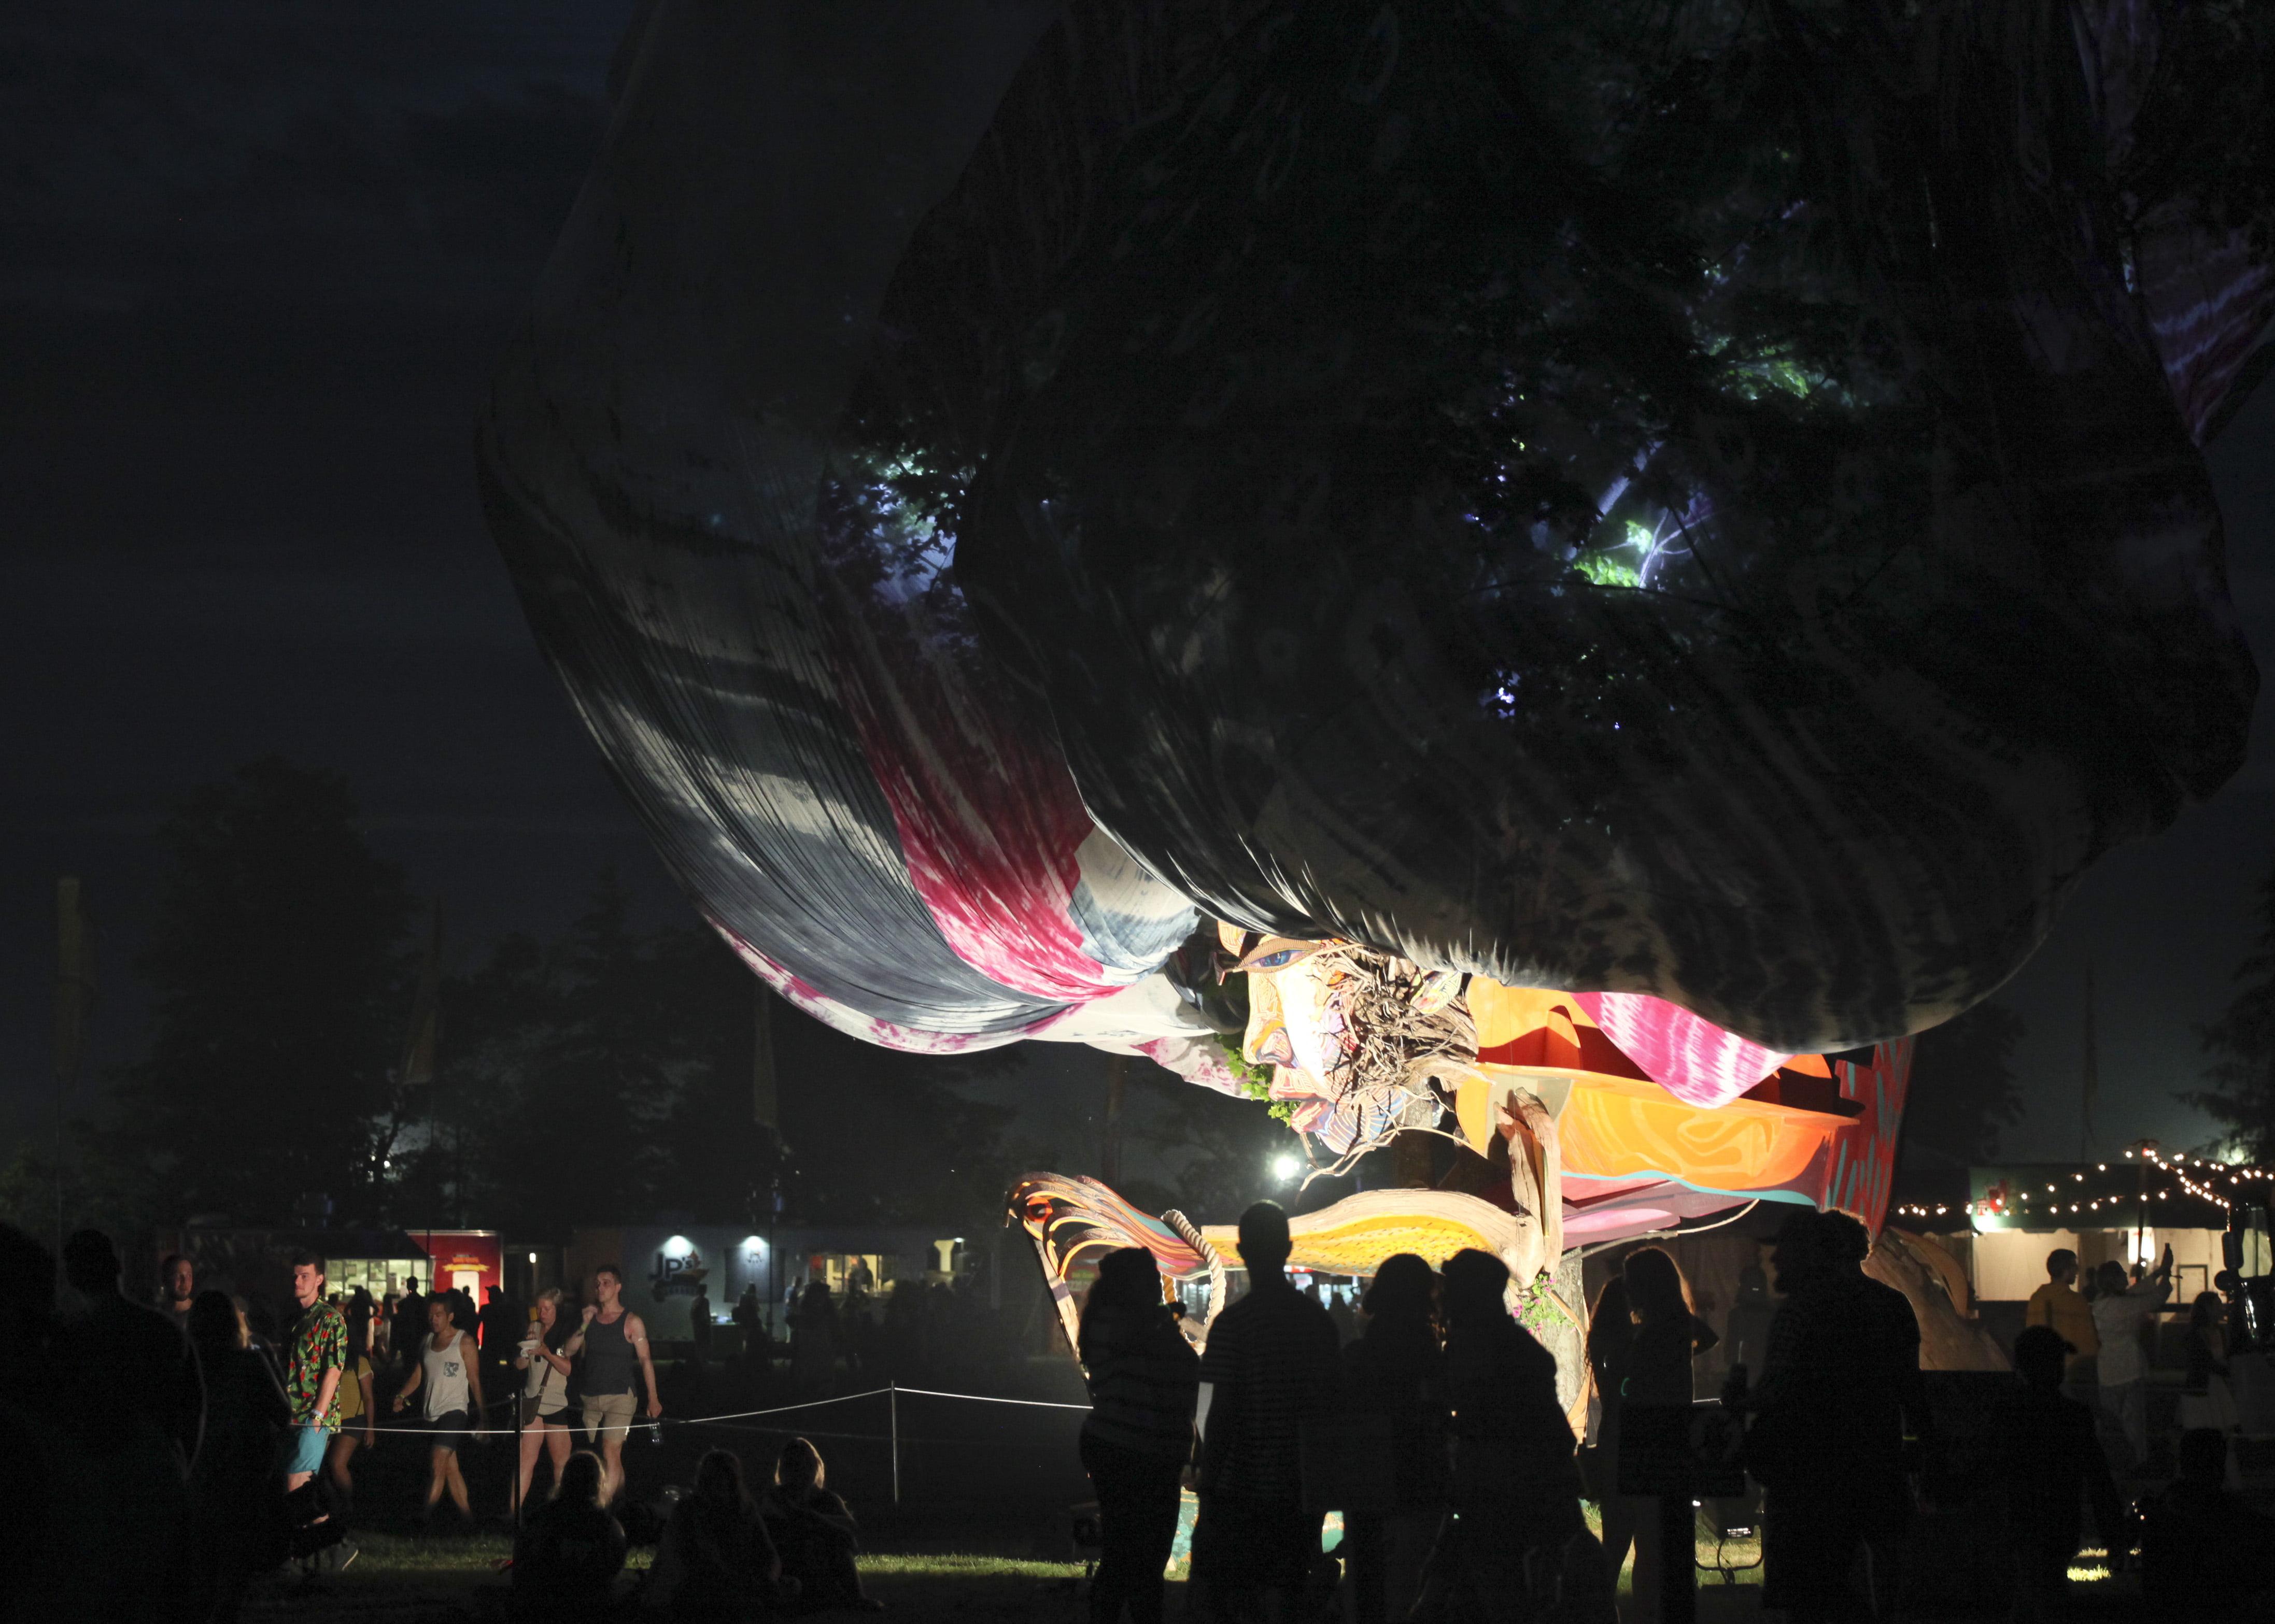 Art installation at WayHome